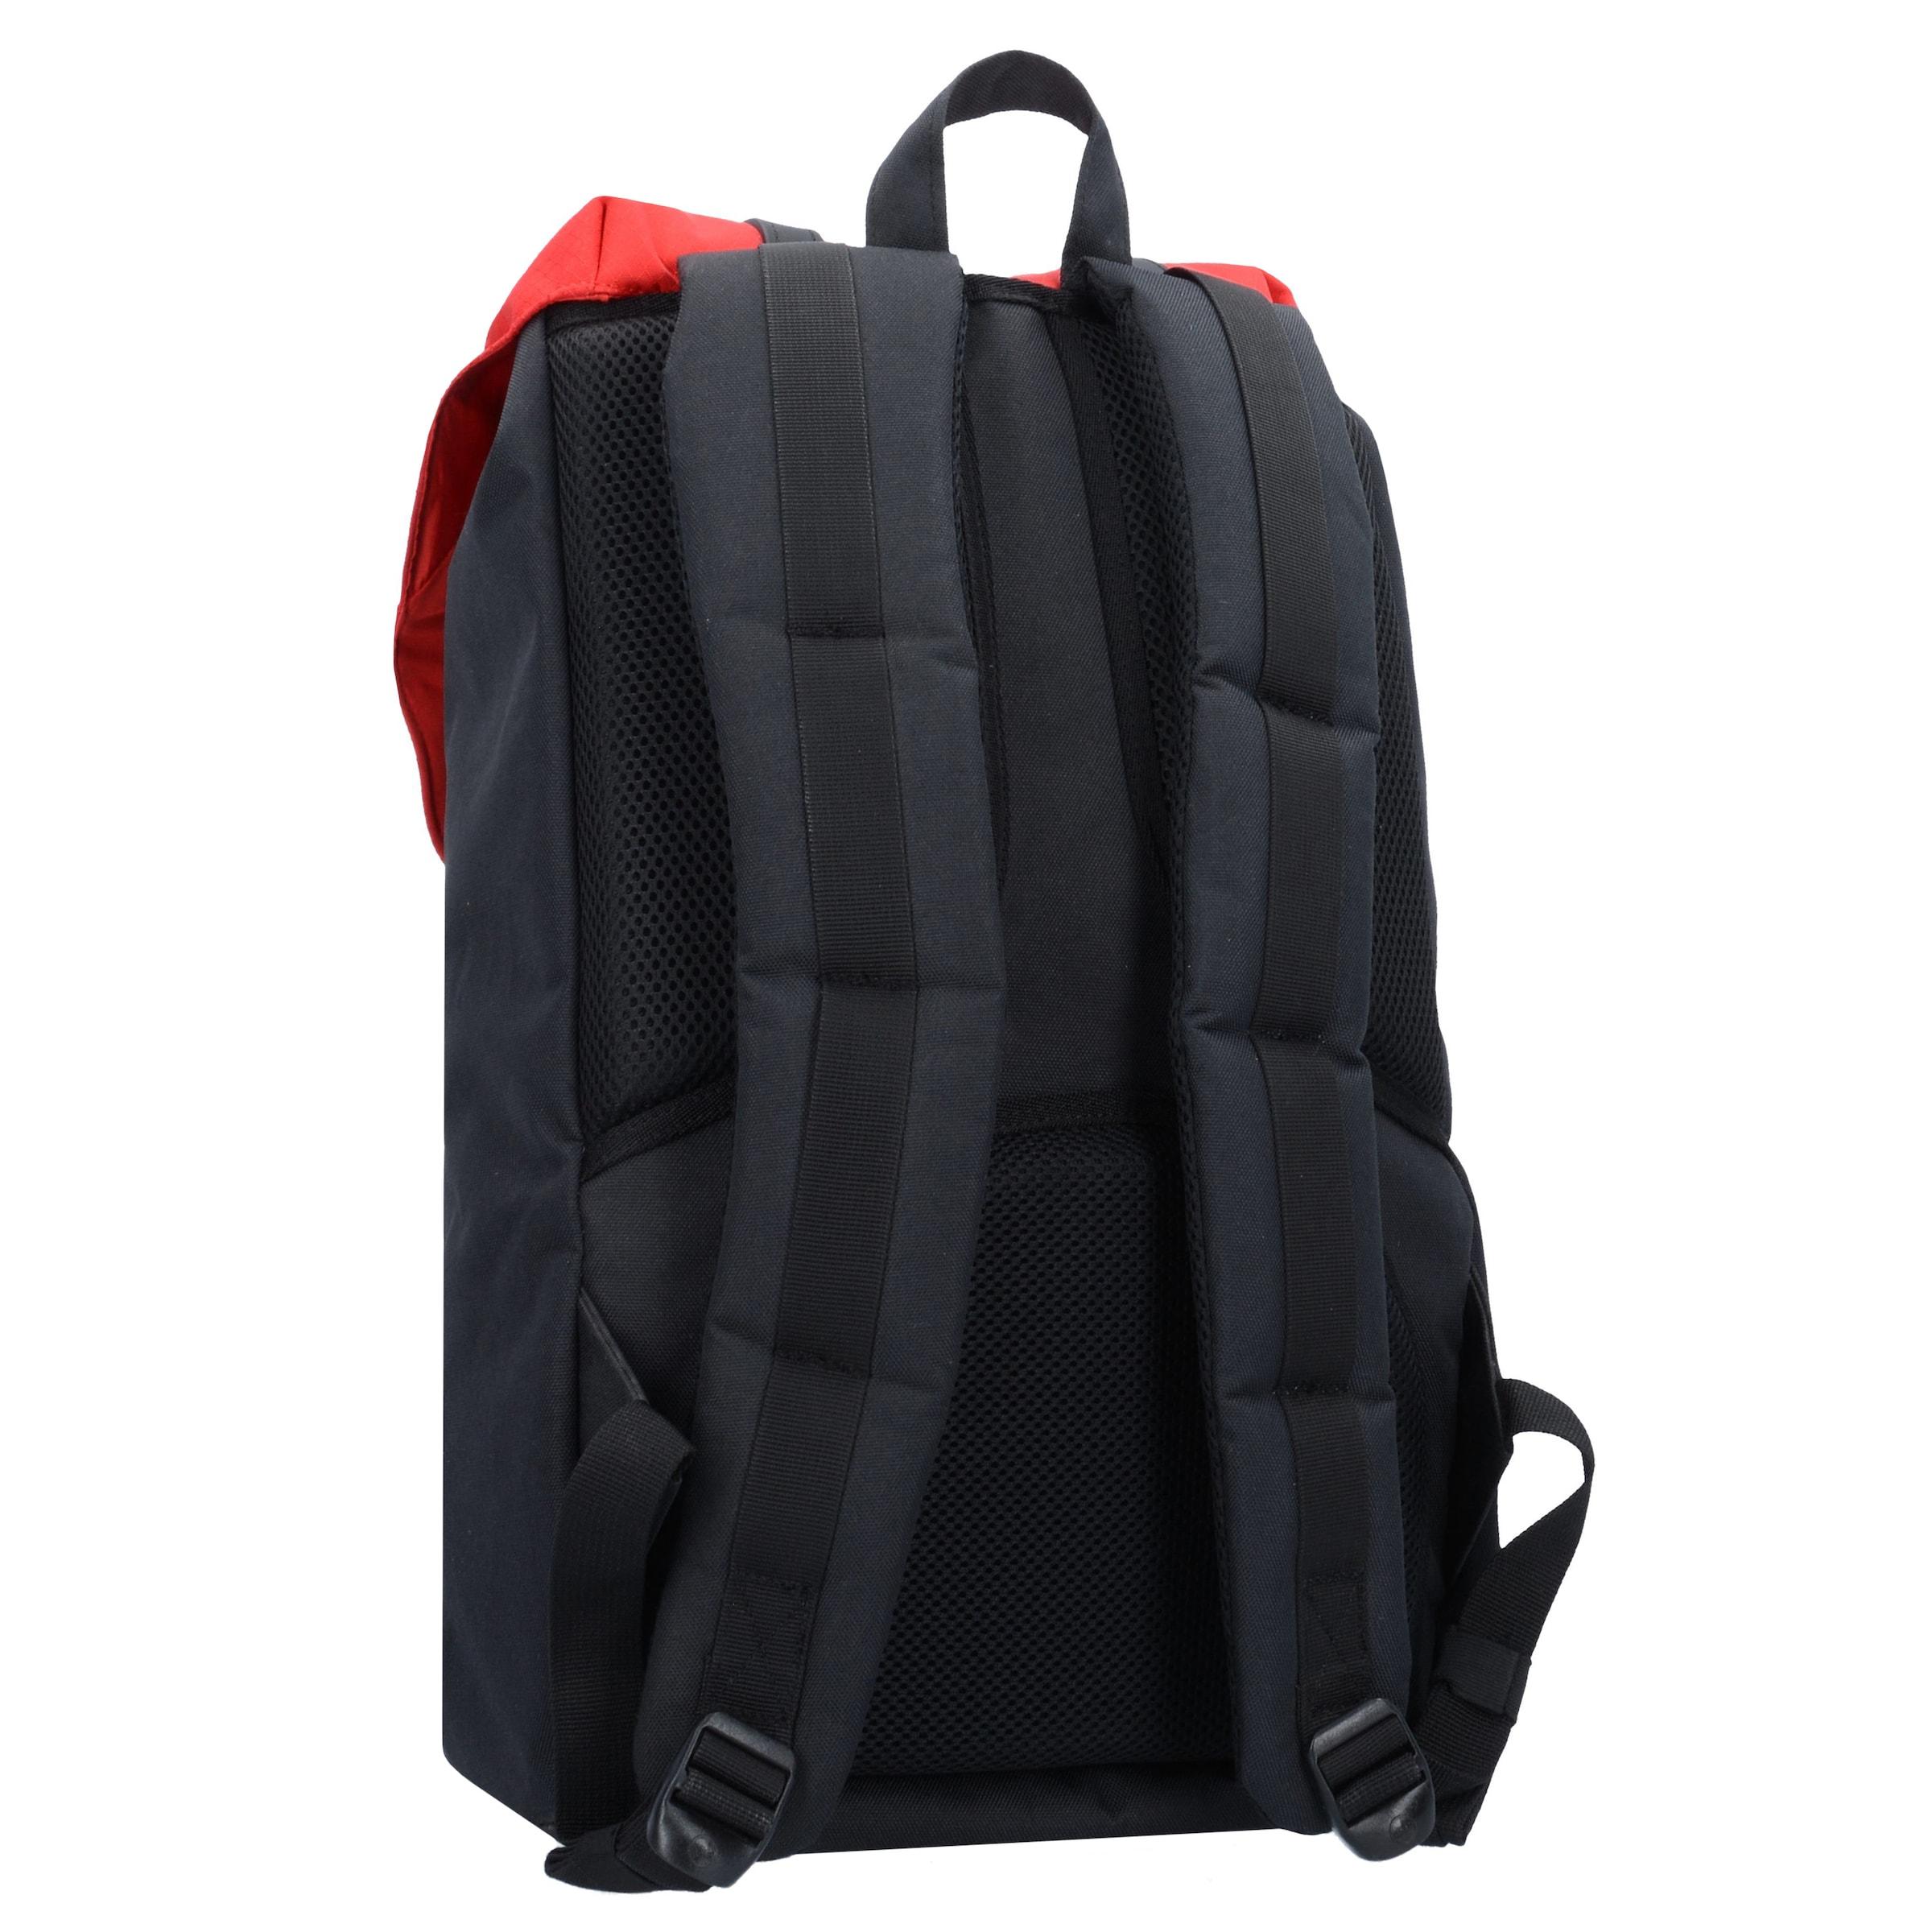 Herschel Little America 18 Backpack Rucksack 52 cm Laptopfach Freies Verschiffen Truhe Bilder jUPvdV